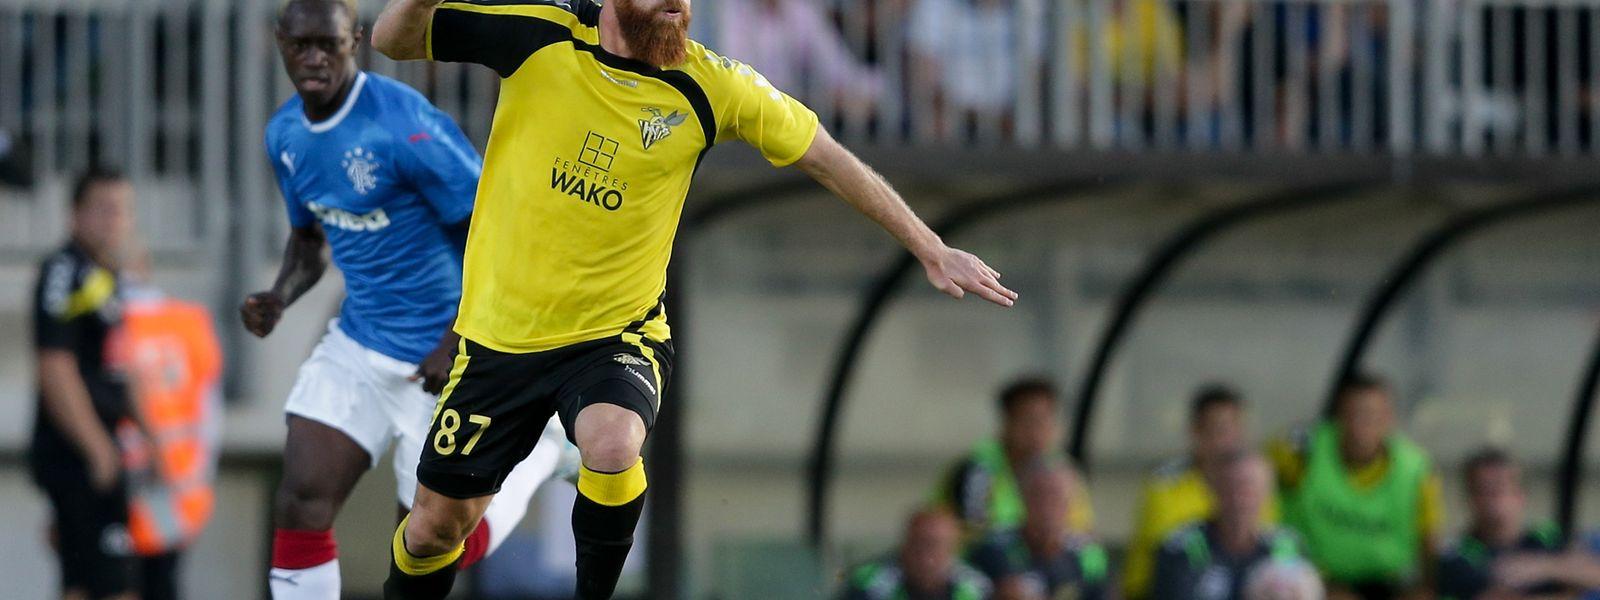 Aleksandre Karapetian ist der Meinung, dass der Luxemburger Fußball im Ausland zu sehr unterschätzt wird.